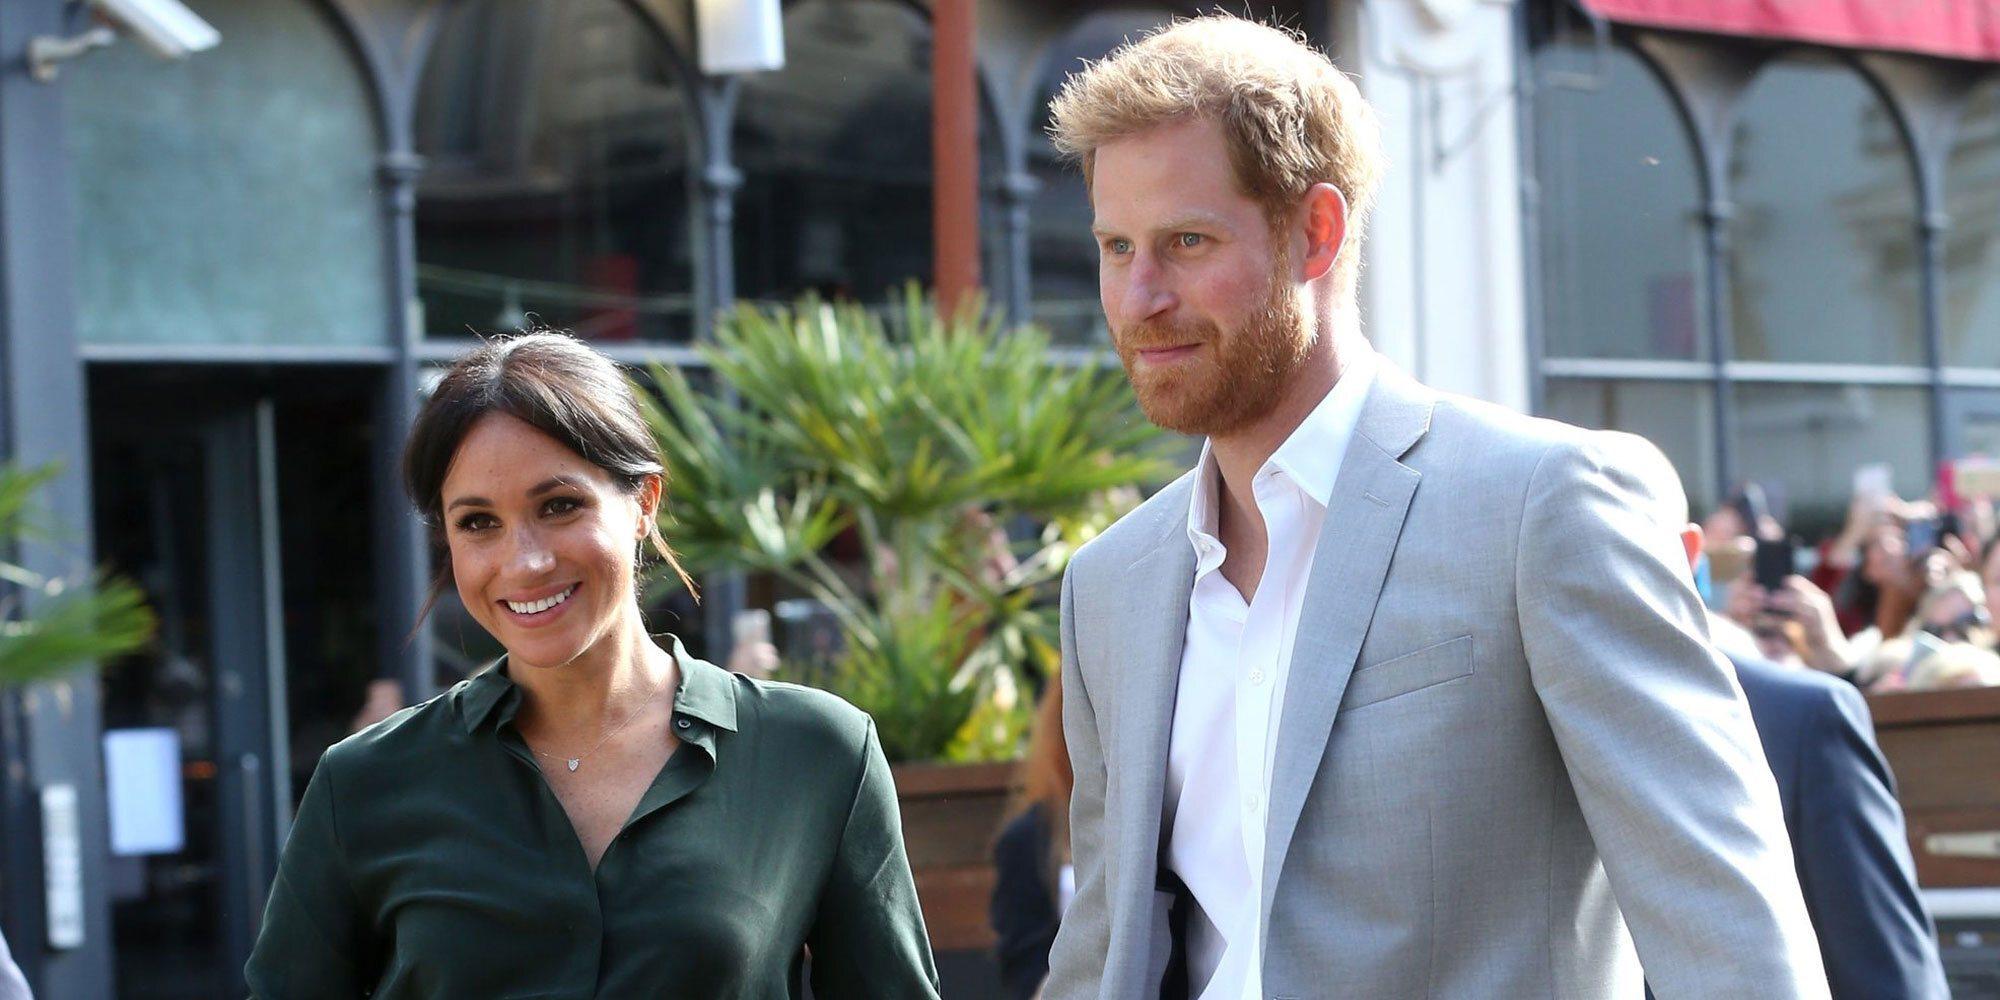 De la pérdida de popularidad del Príncipe Harry y Meghan Markle a la propuesta que han realizado a la Reina Isabel